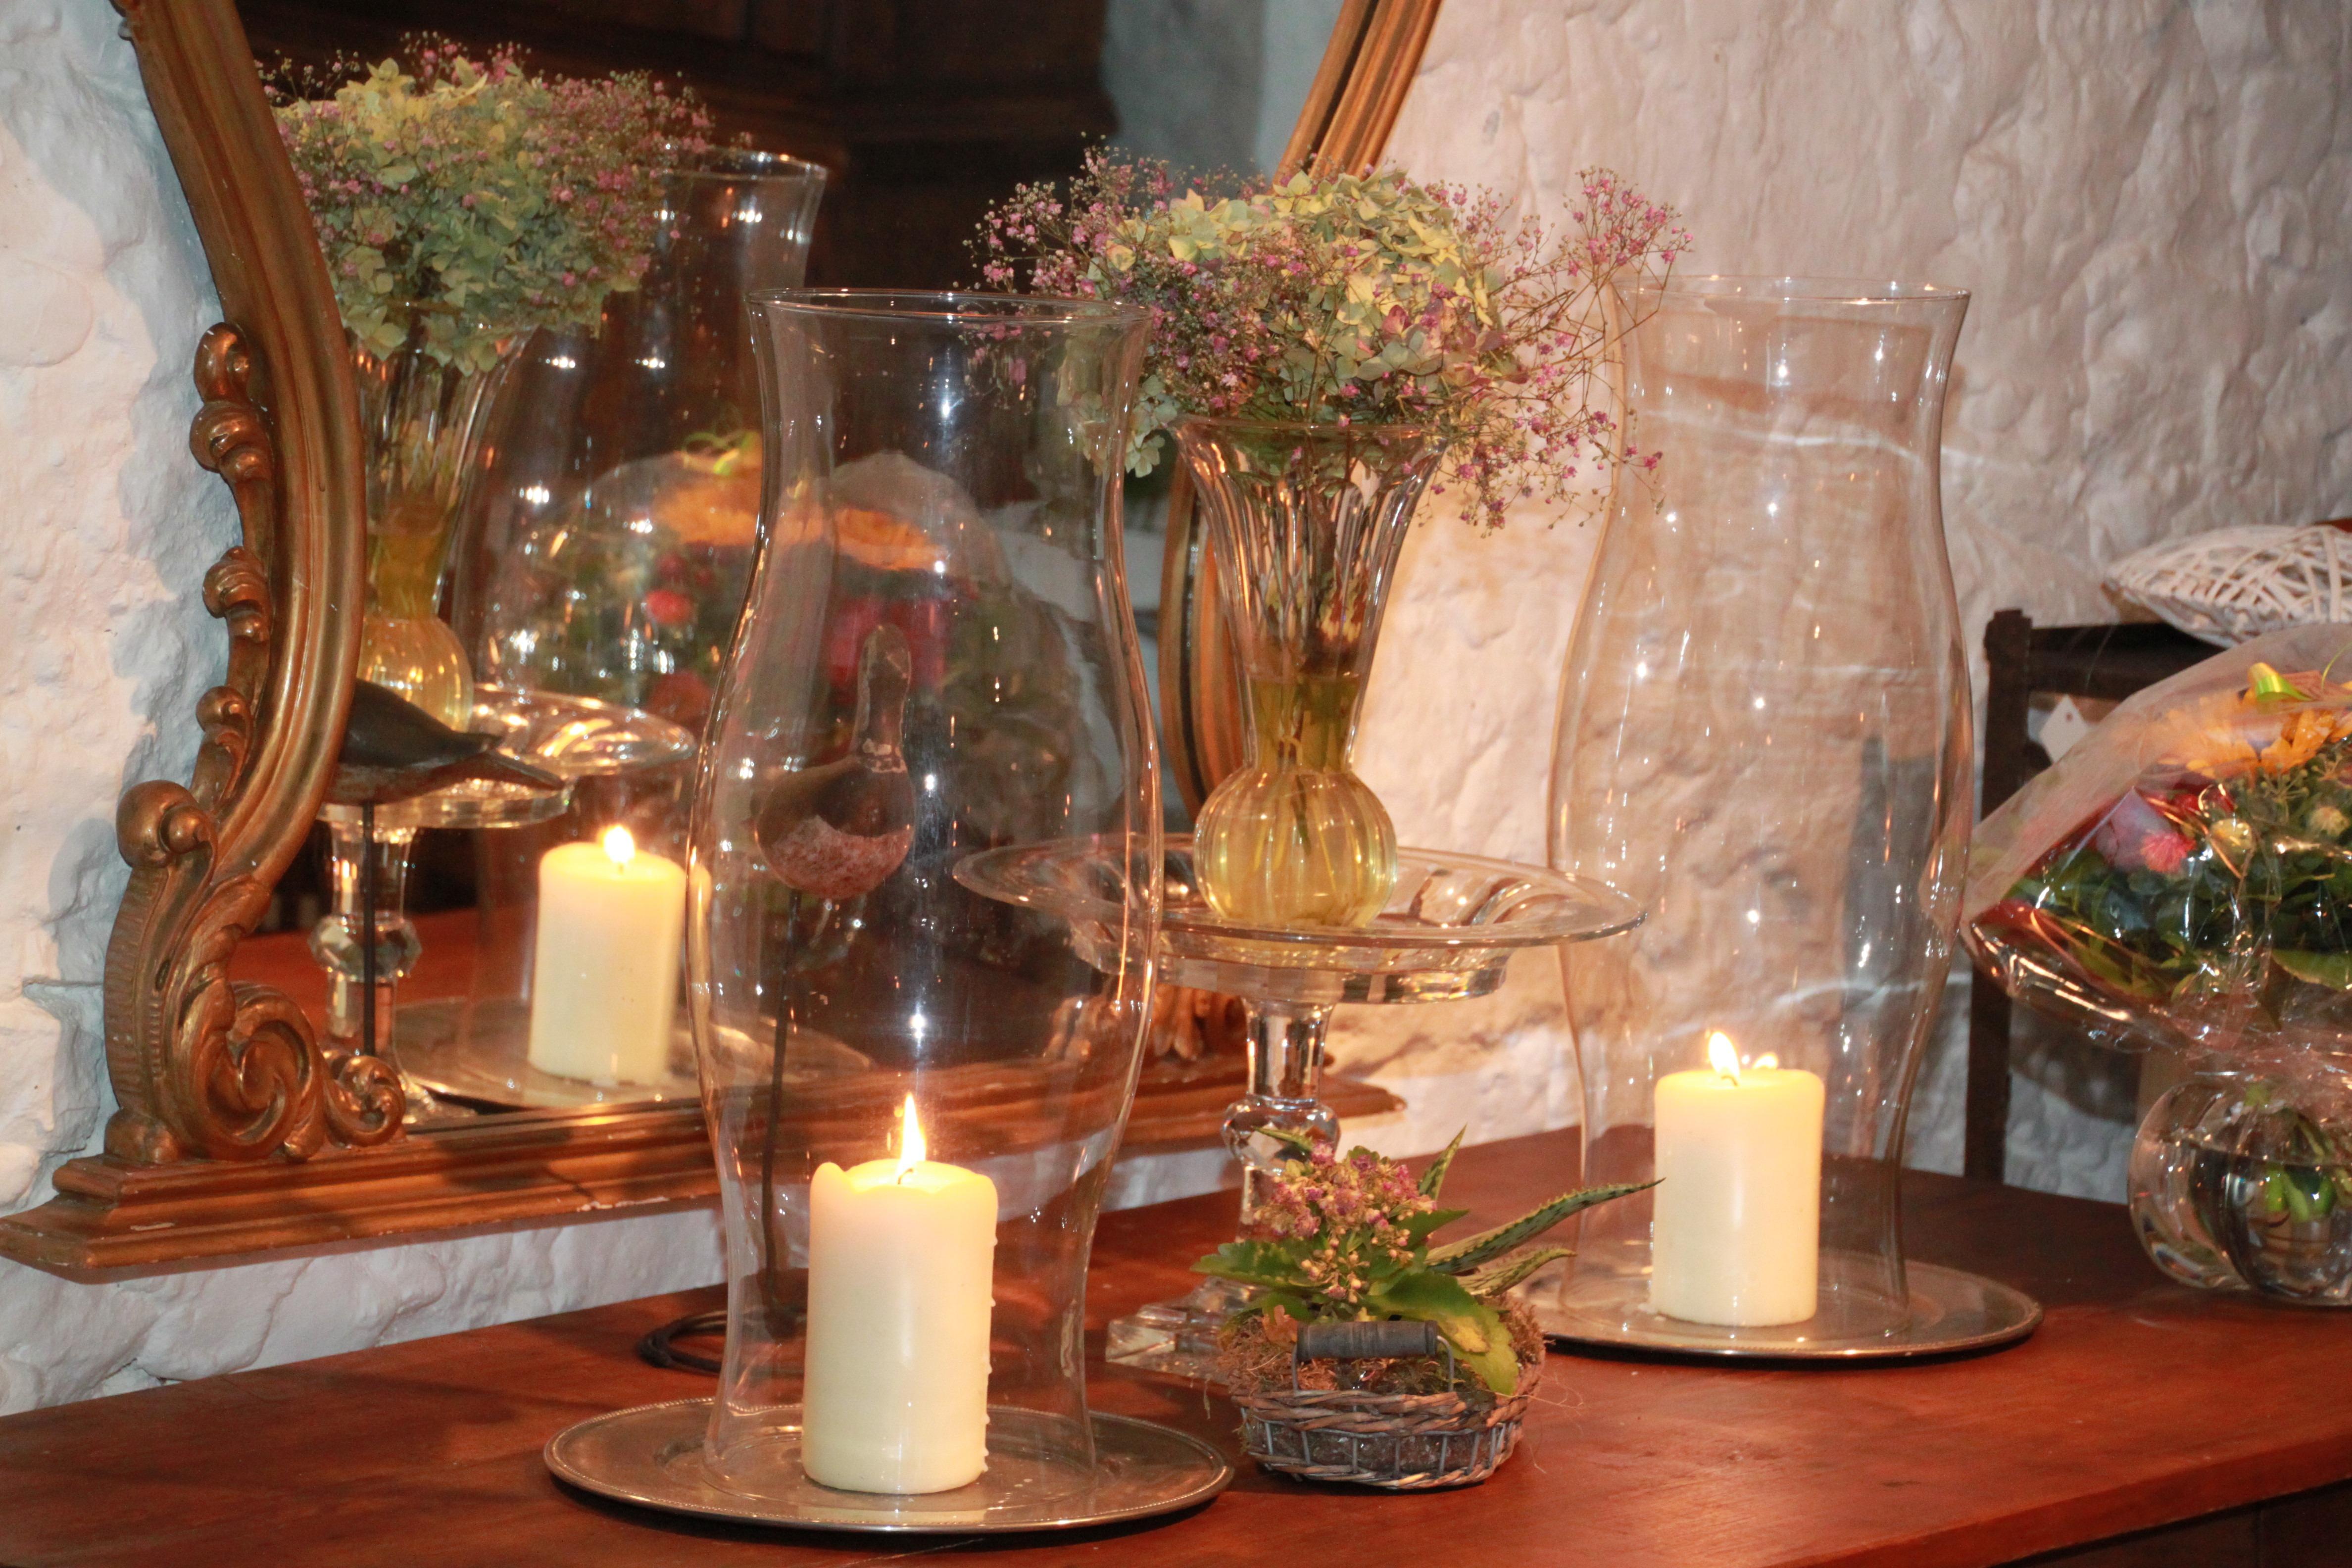 Deco De Table Bougie images gratuites : antique, verre, floral, décoration, repas